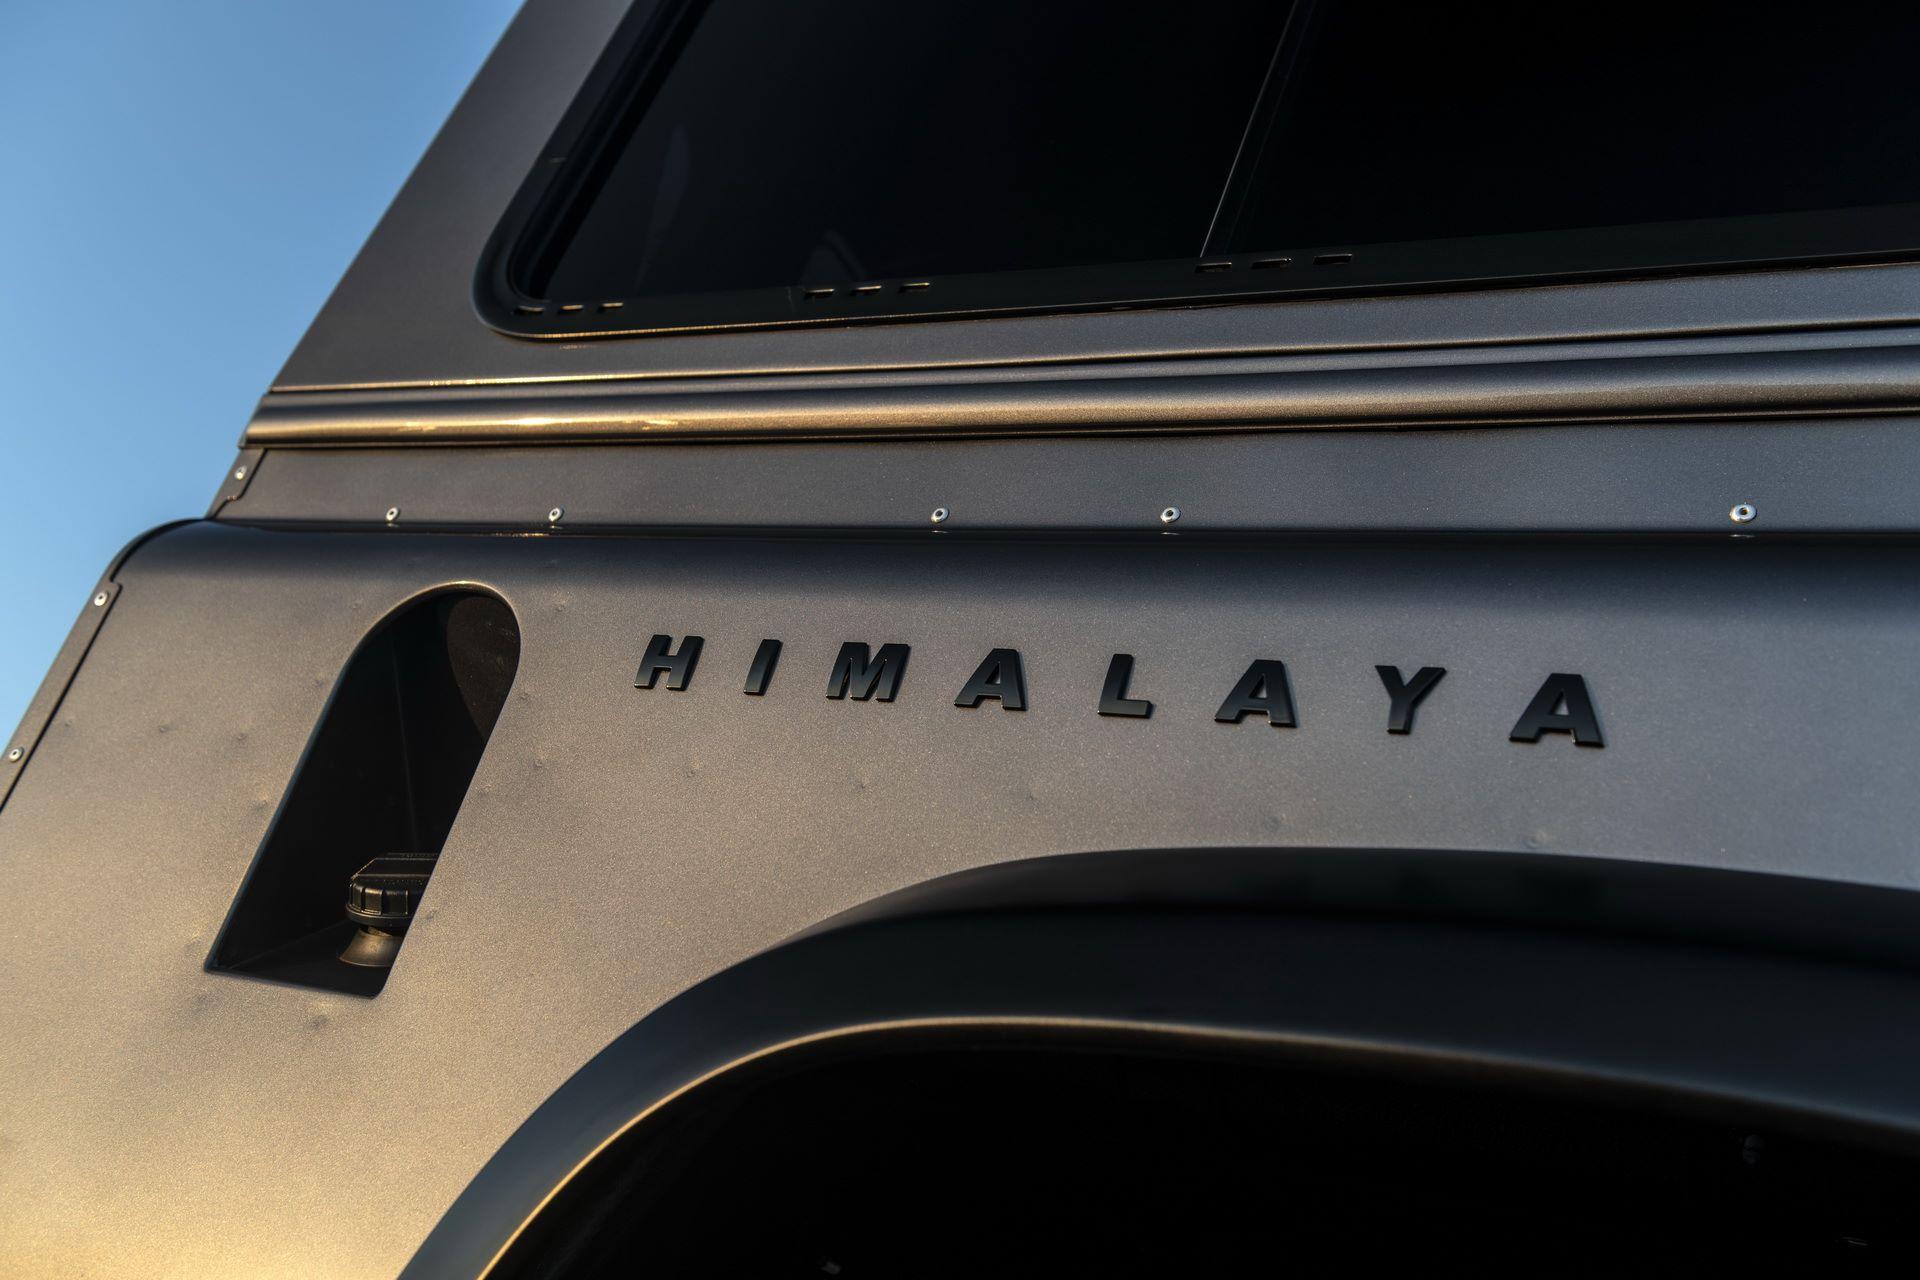 Land-Rover-Defender-650-Himalaya-12